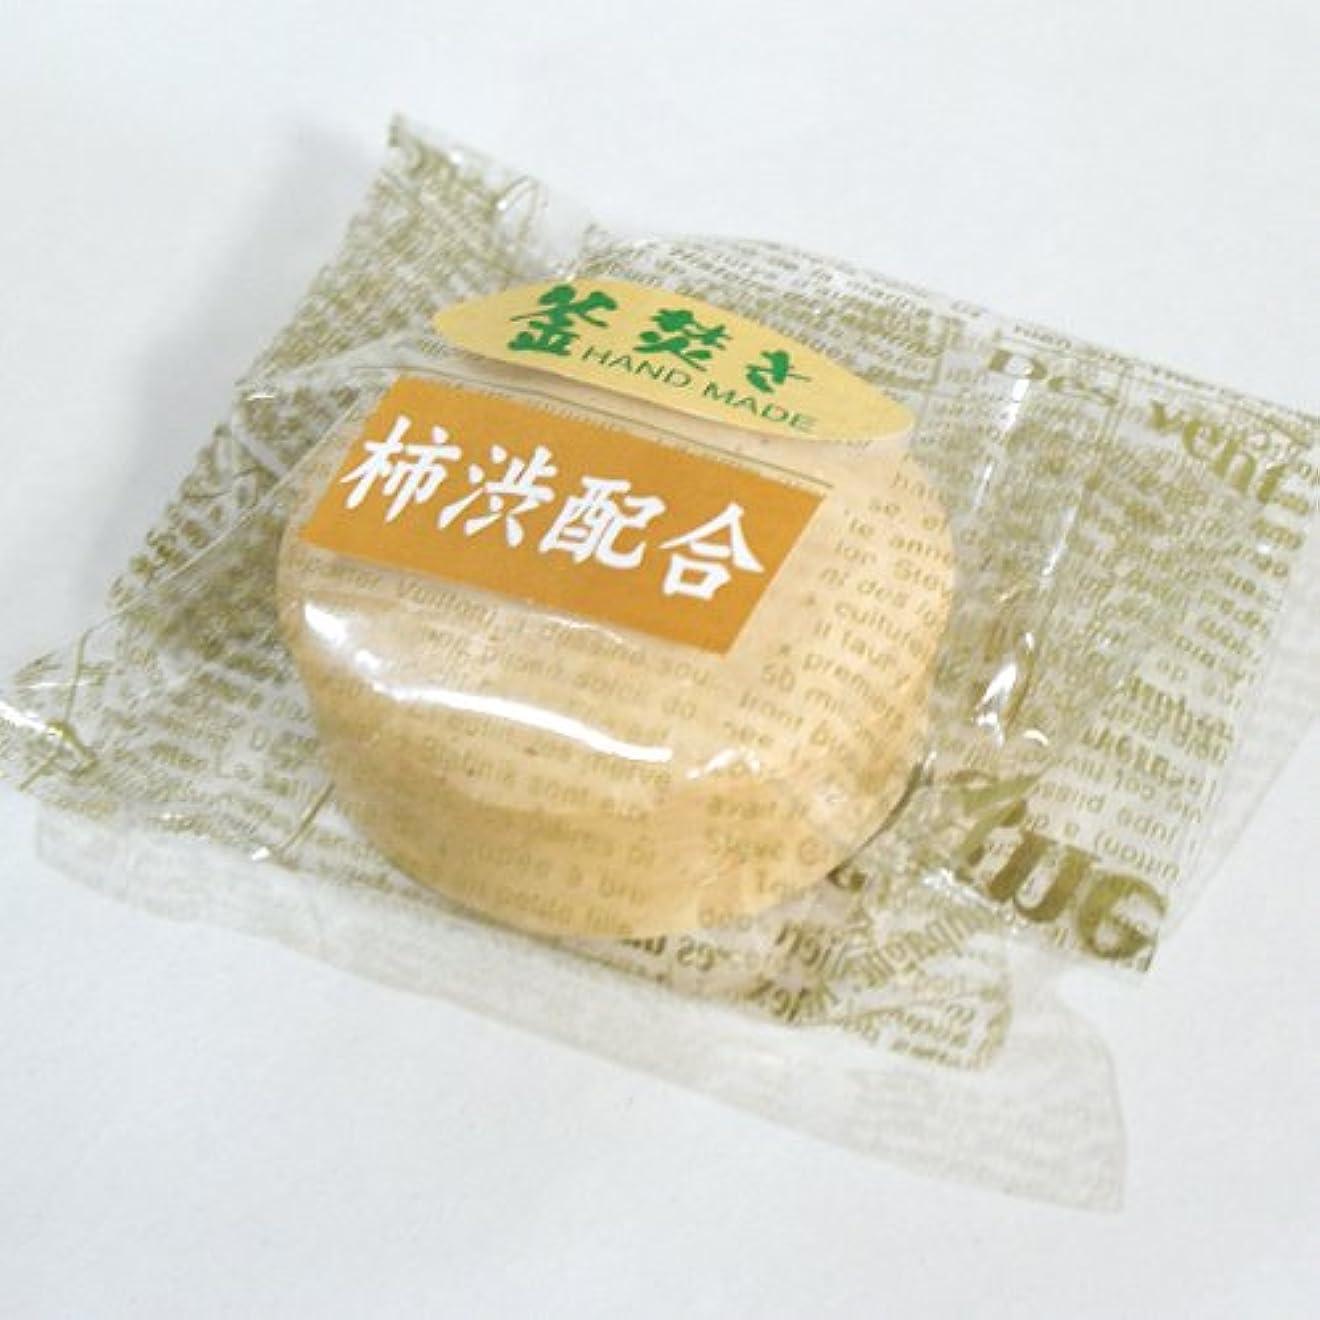 うんざり前に定期的八坂石鹸 手作り石けん 柿渋60g